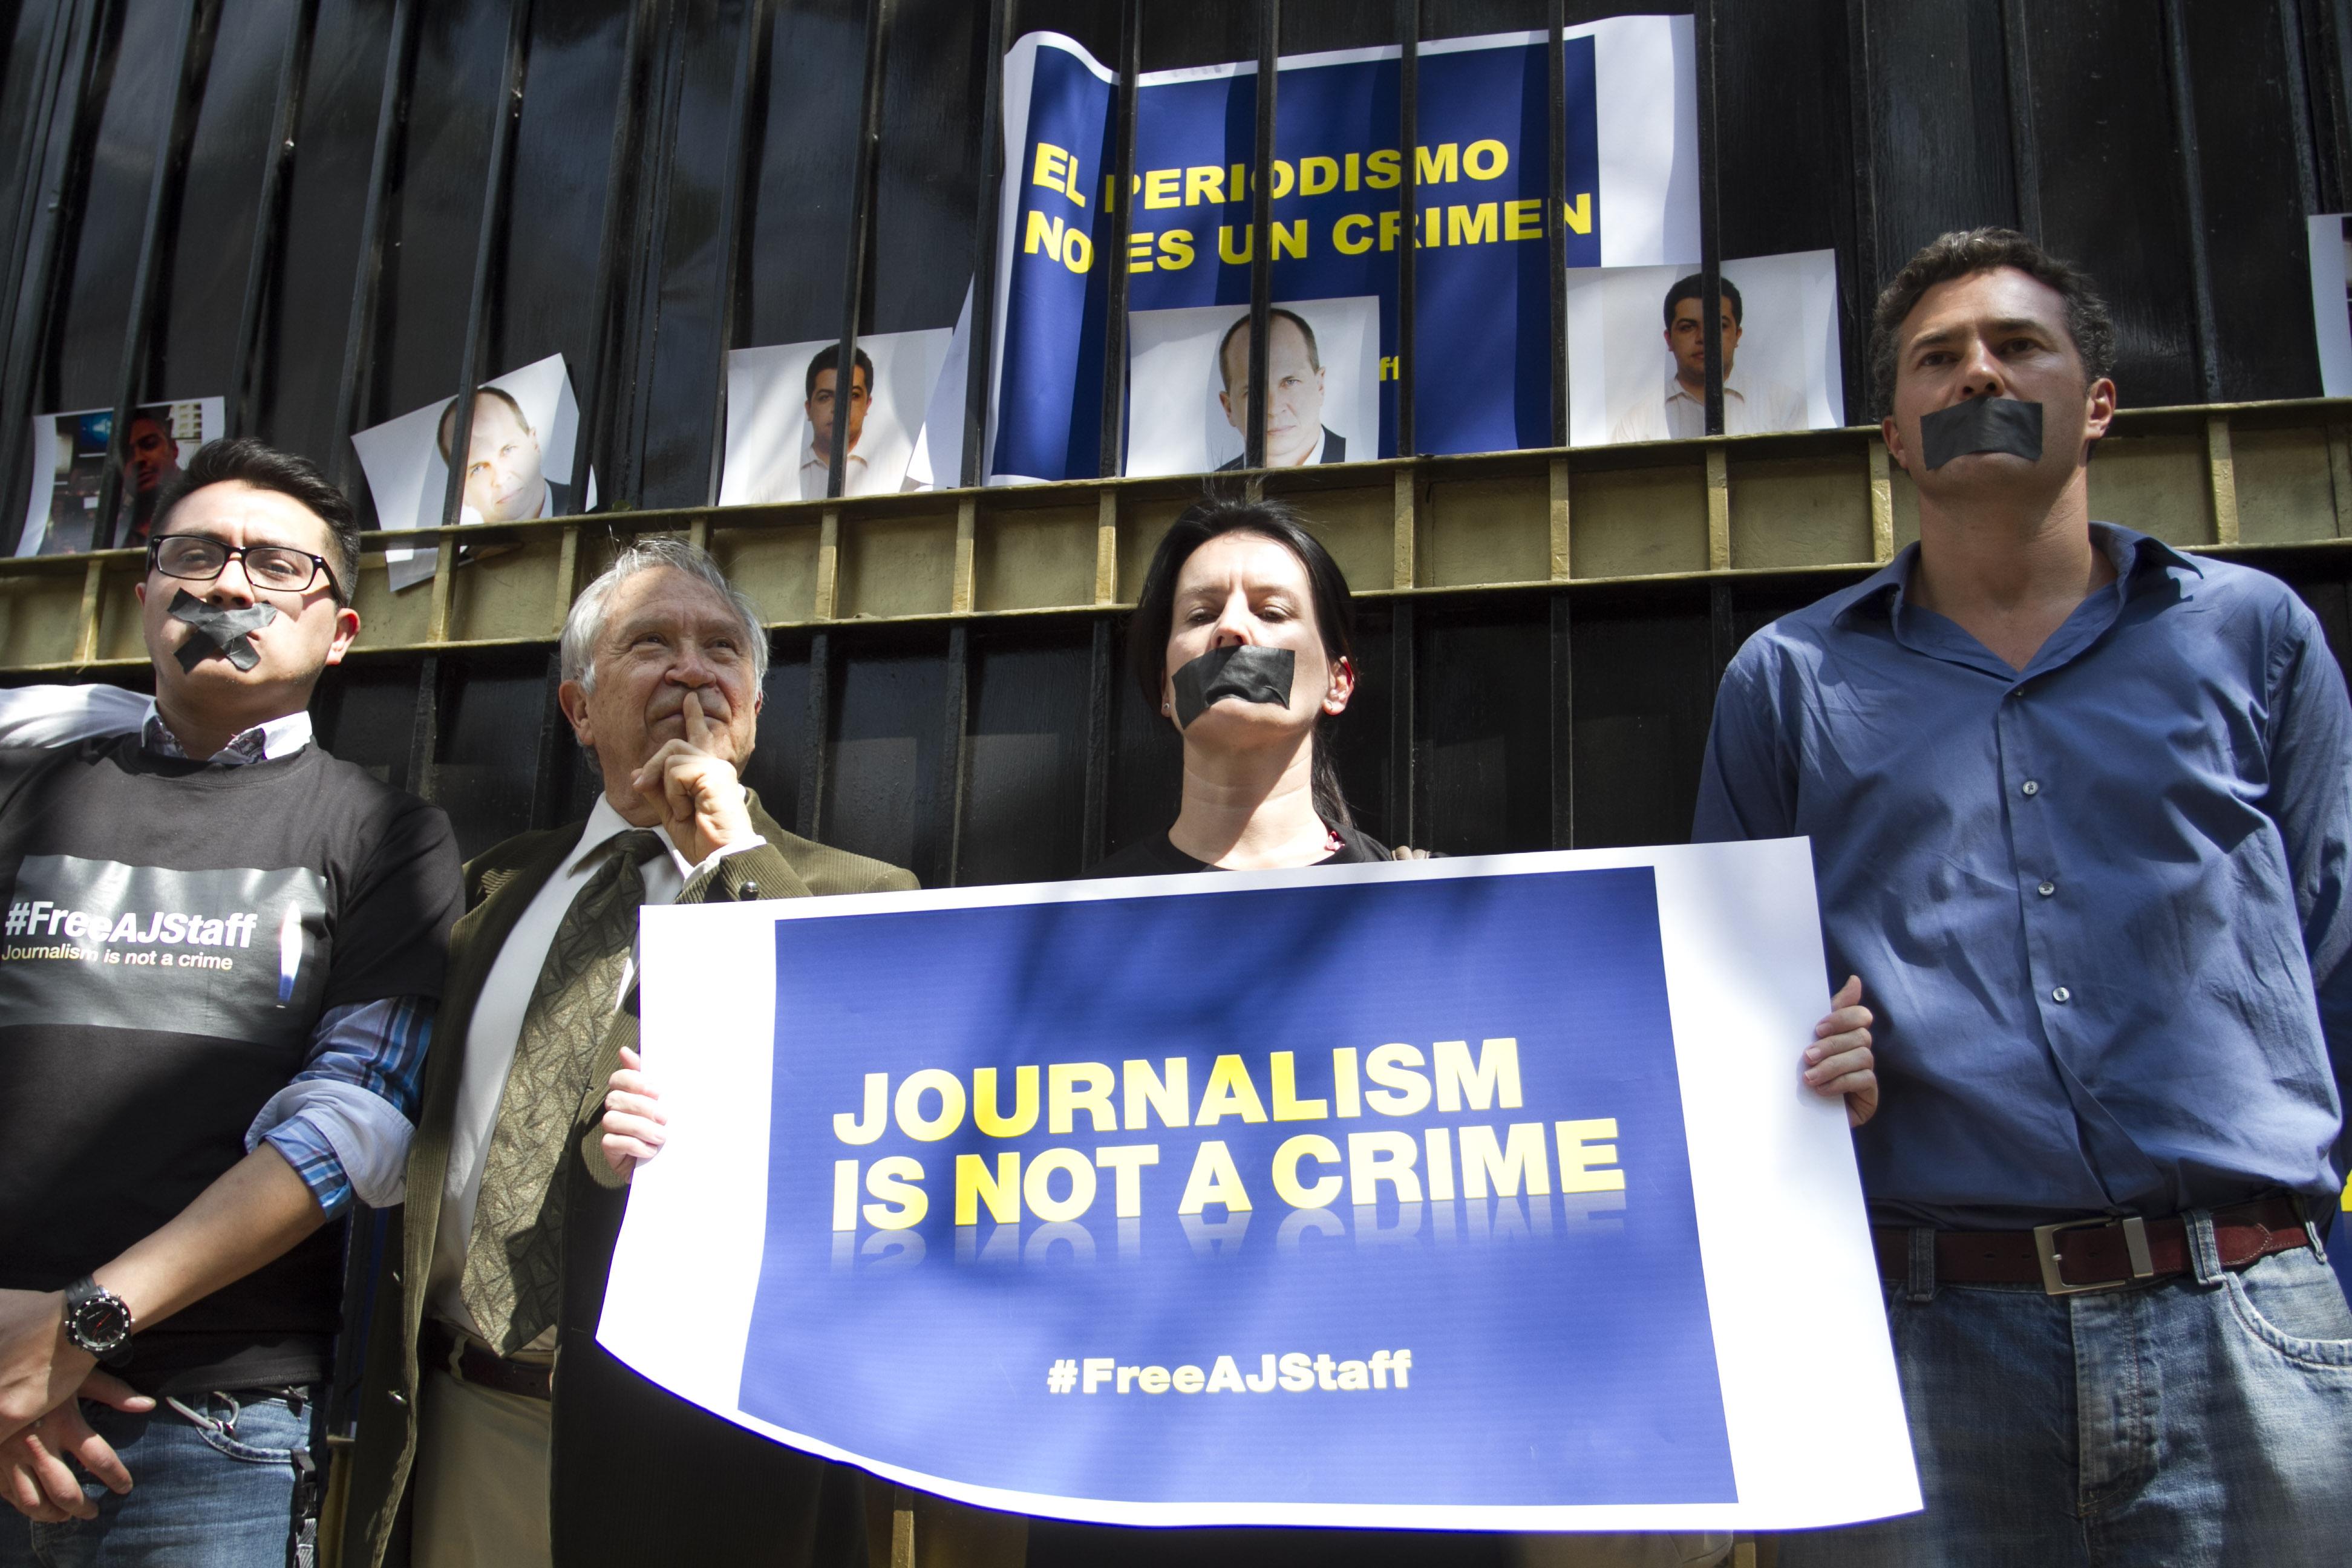 El escritor Homero Aridjis y colaboradores de la agencia de noticias Al Jazeera protestaron a las afueras de la Embajada de Egipto, exigiendo la liberación de periodistas de Al Jazeera encarcelados en Egipto y detenidos el pasado 29 de diciembre. FOTO: GUILLERMO PEREA /CUARTOSCURO.COM